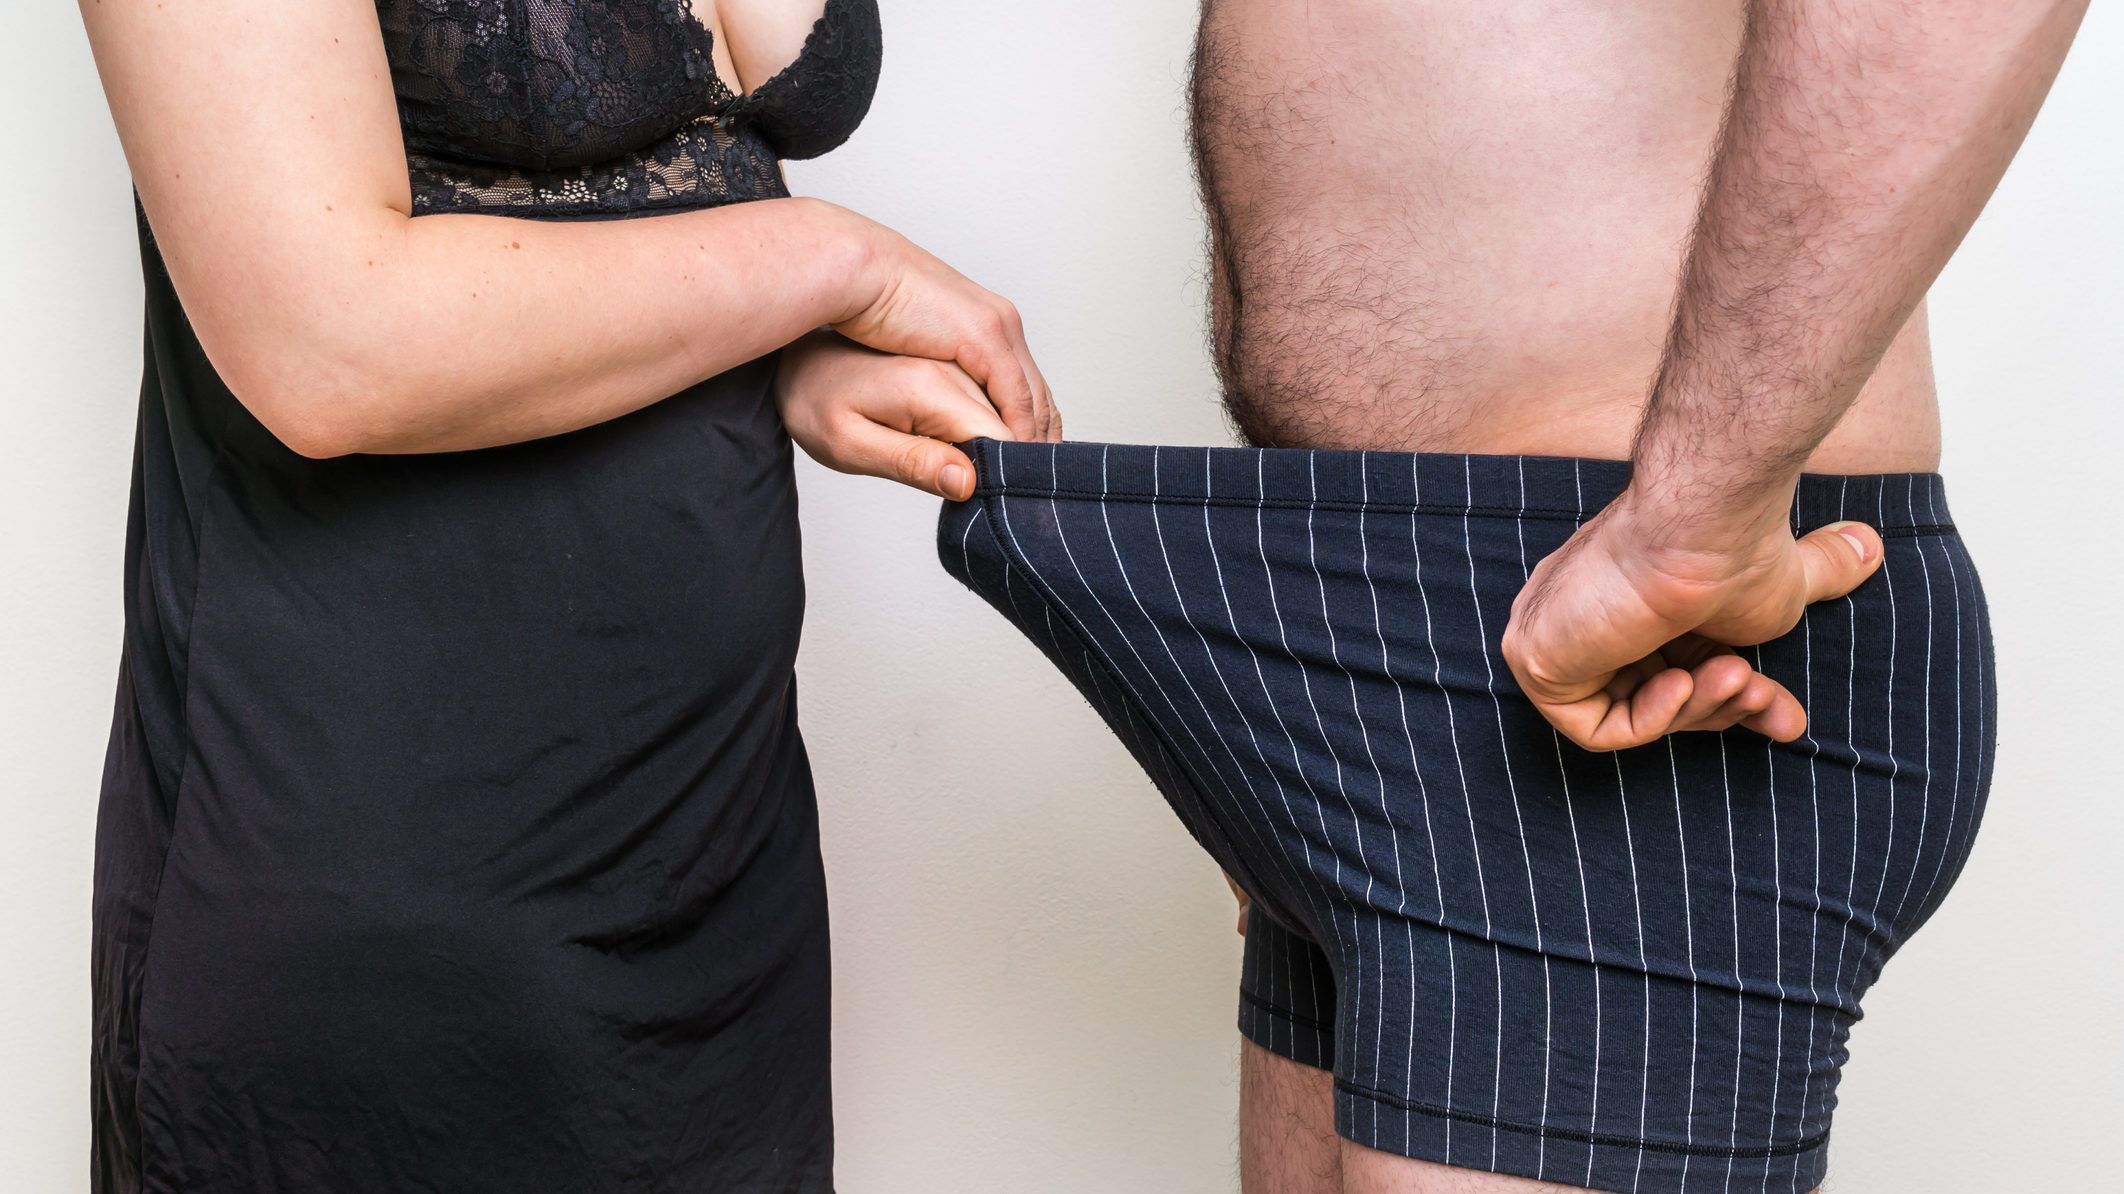 A pénisz hossza vagy a pénisz vastagsága a fontosabb? - Napidoktor